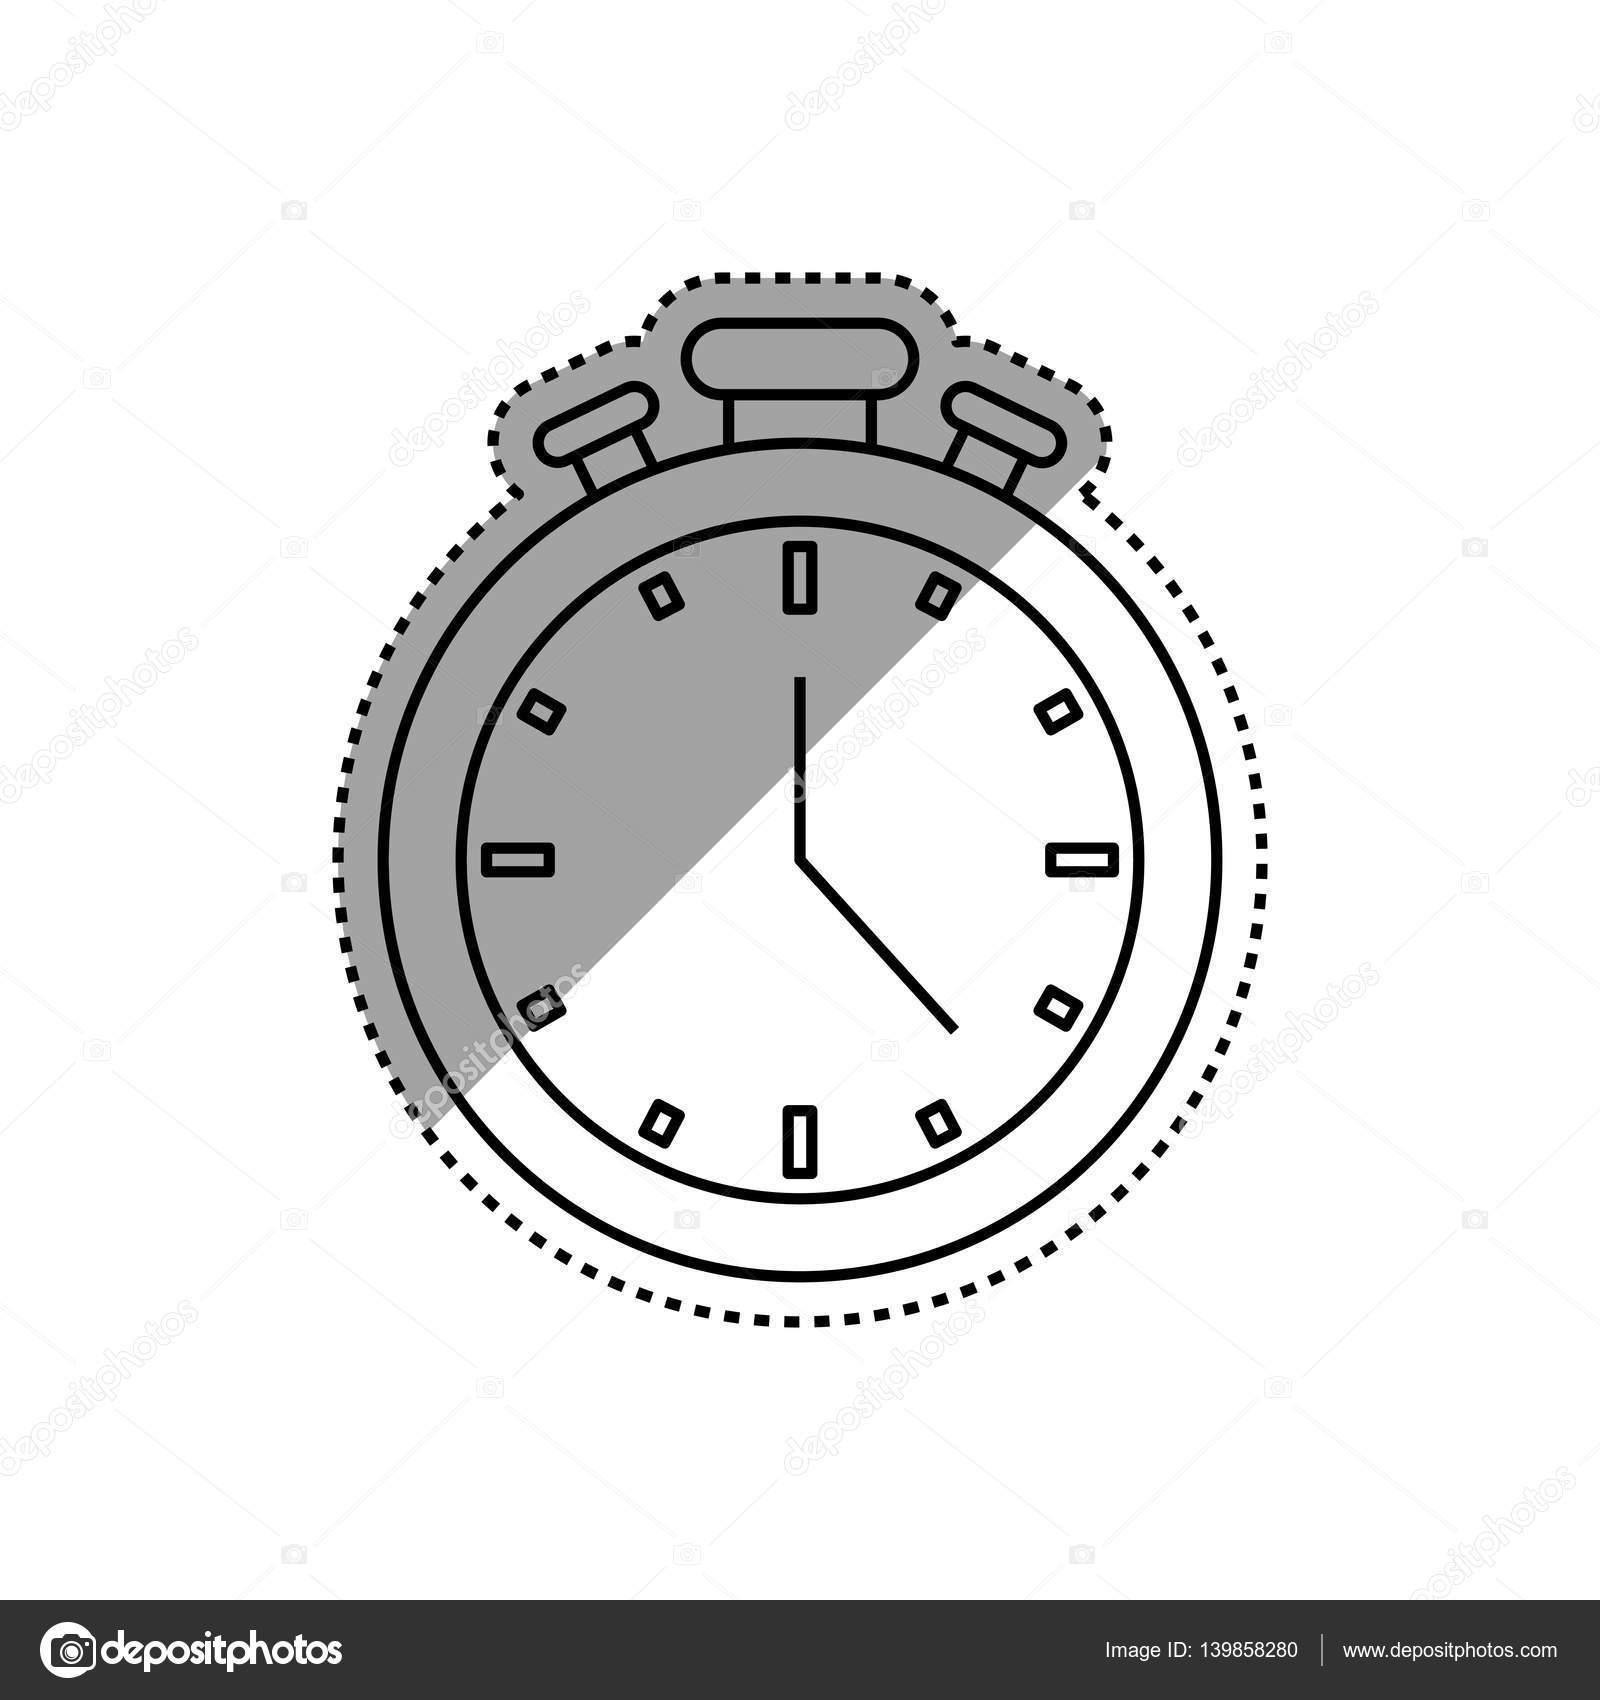 Isolierte Zeitschaltuhr — Stockvektor © djv #139858280